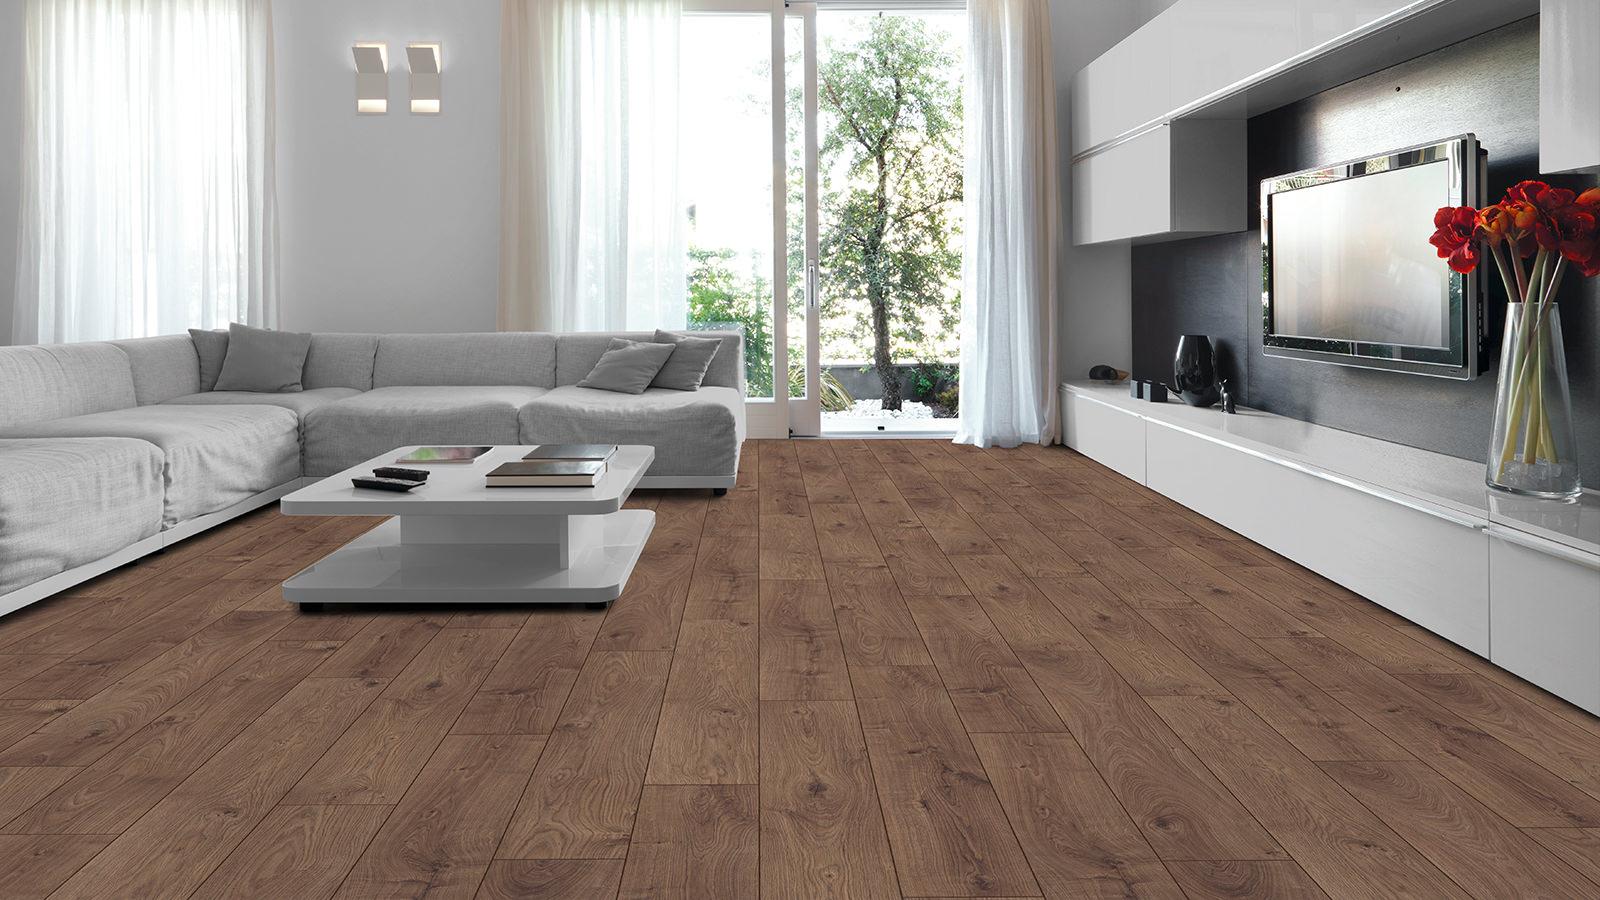 Pavimenti Moderni Senza Fughe i giusti pavimenti per arredare casa in stile moderno